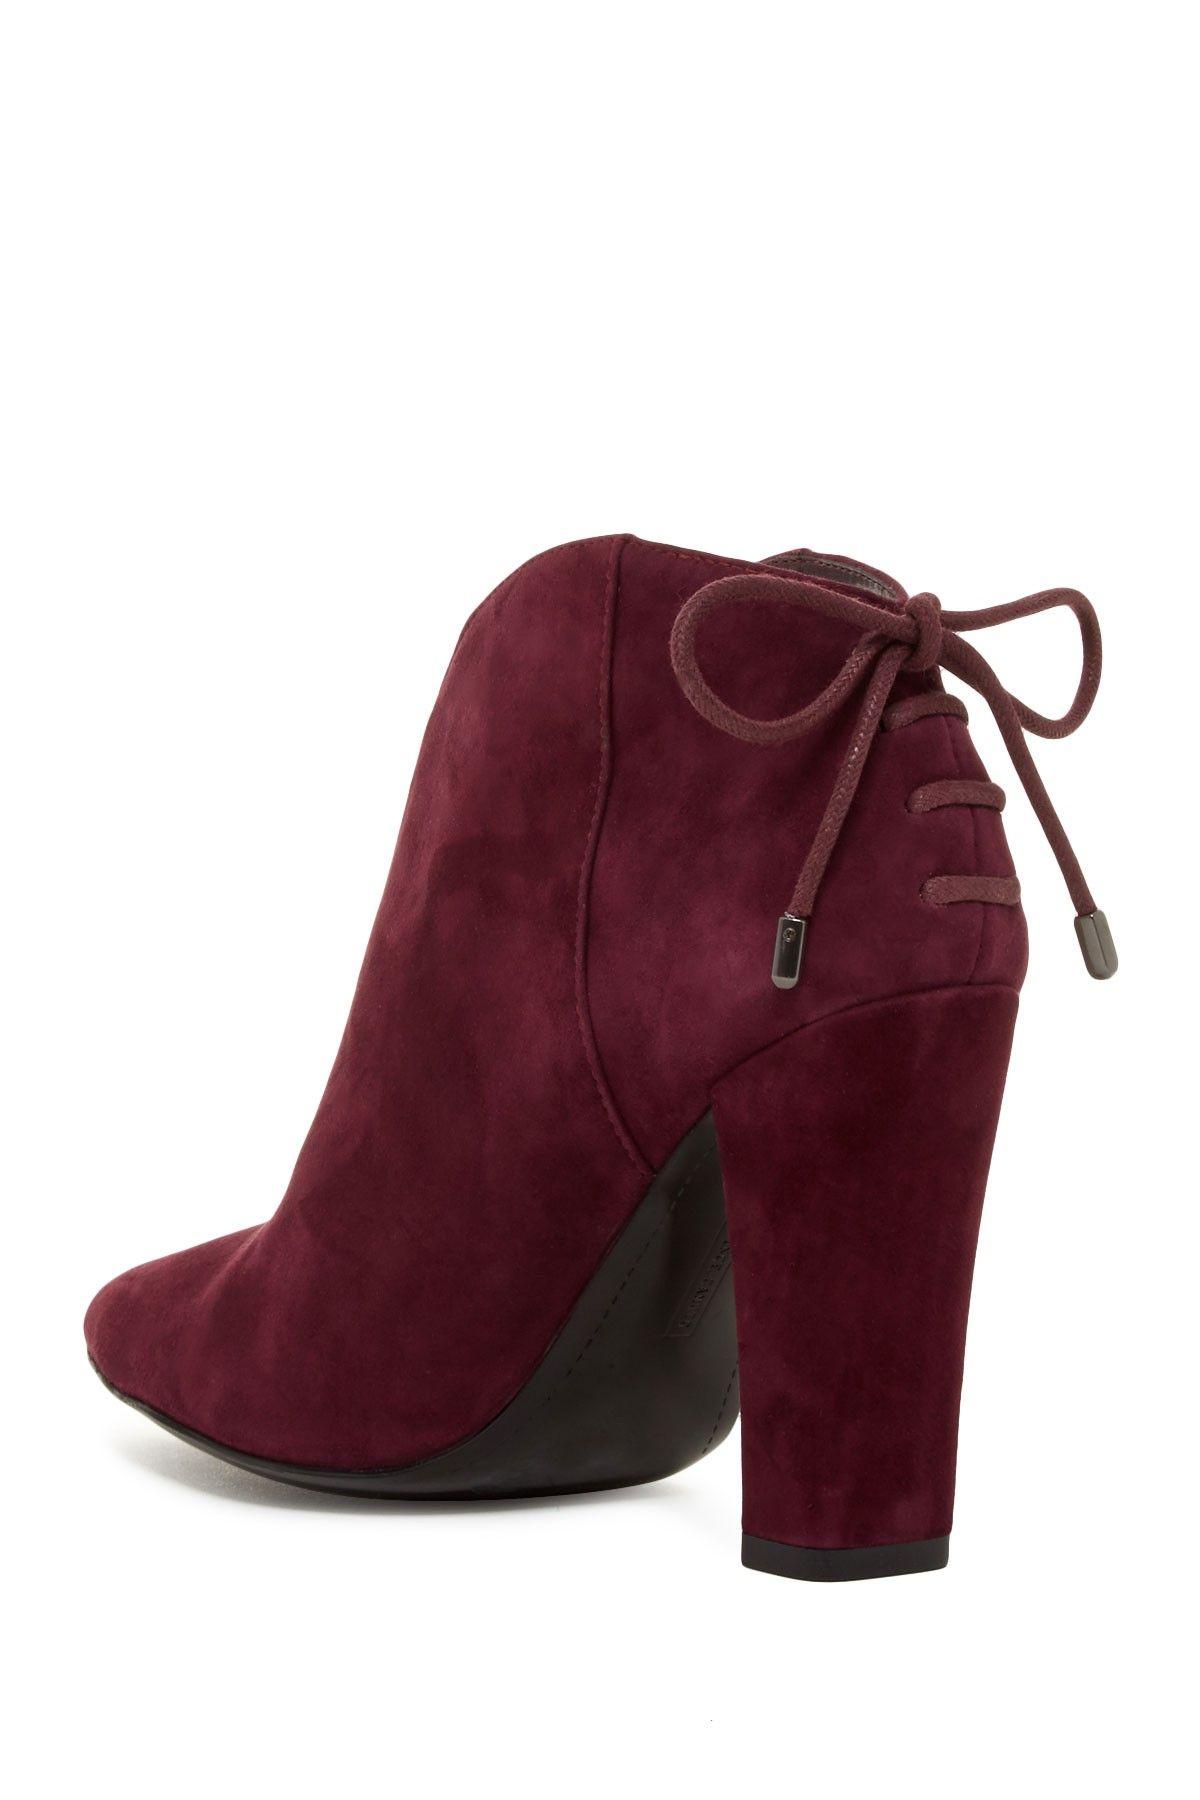 Vince Camuto   Andorra Suede Shoe